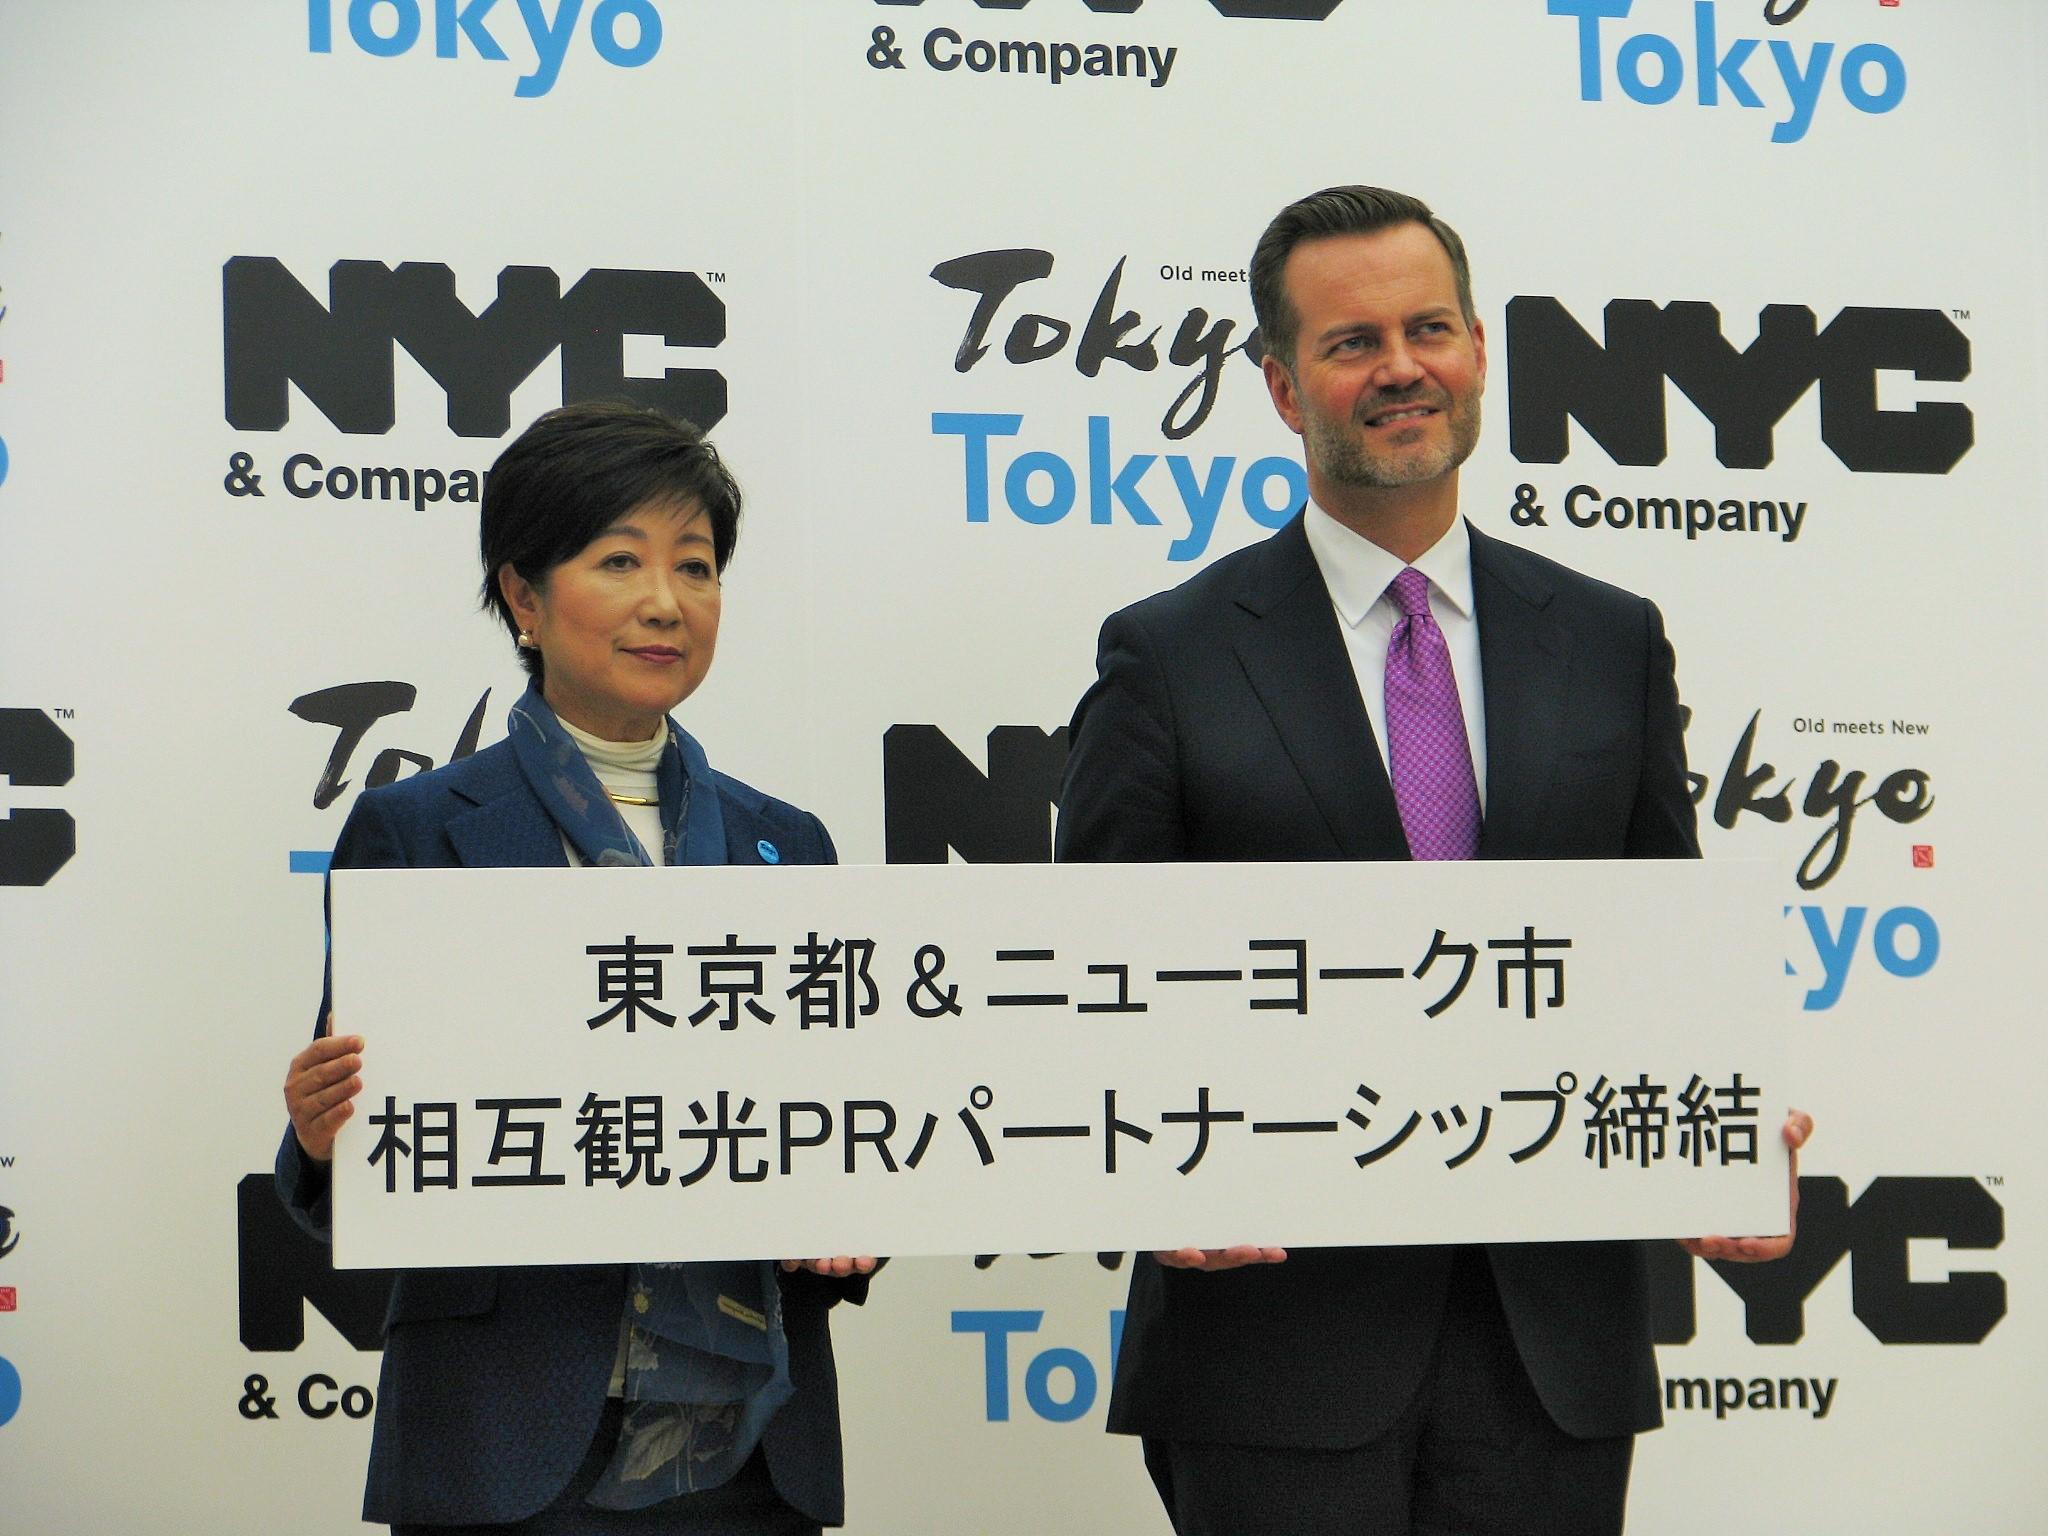 東京都と米ニューヨーク観光局がパートナーシップ締結、観光客の相互拡大へ、東京タワーの特別ライトアップや広告キャンペーンなど